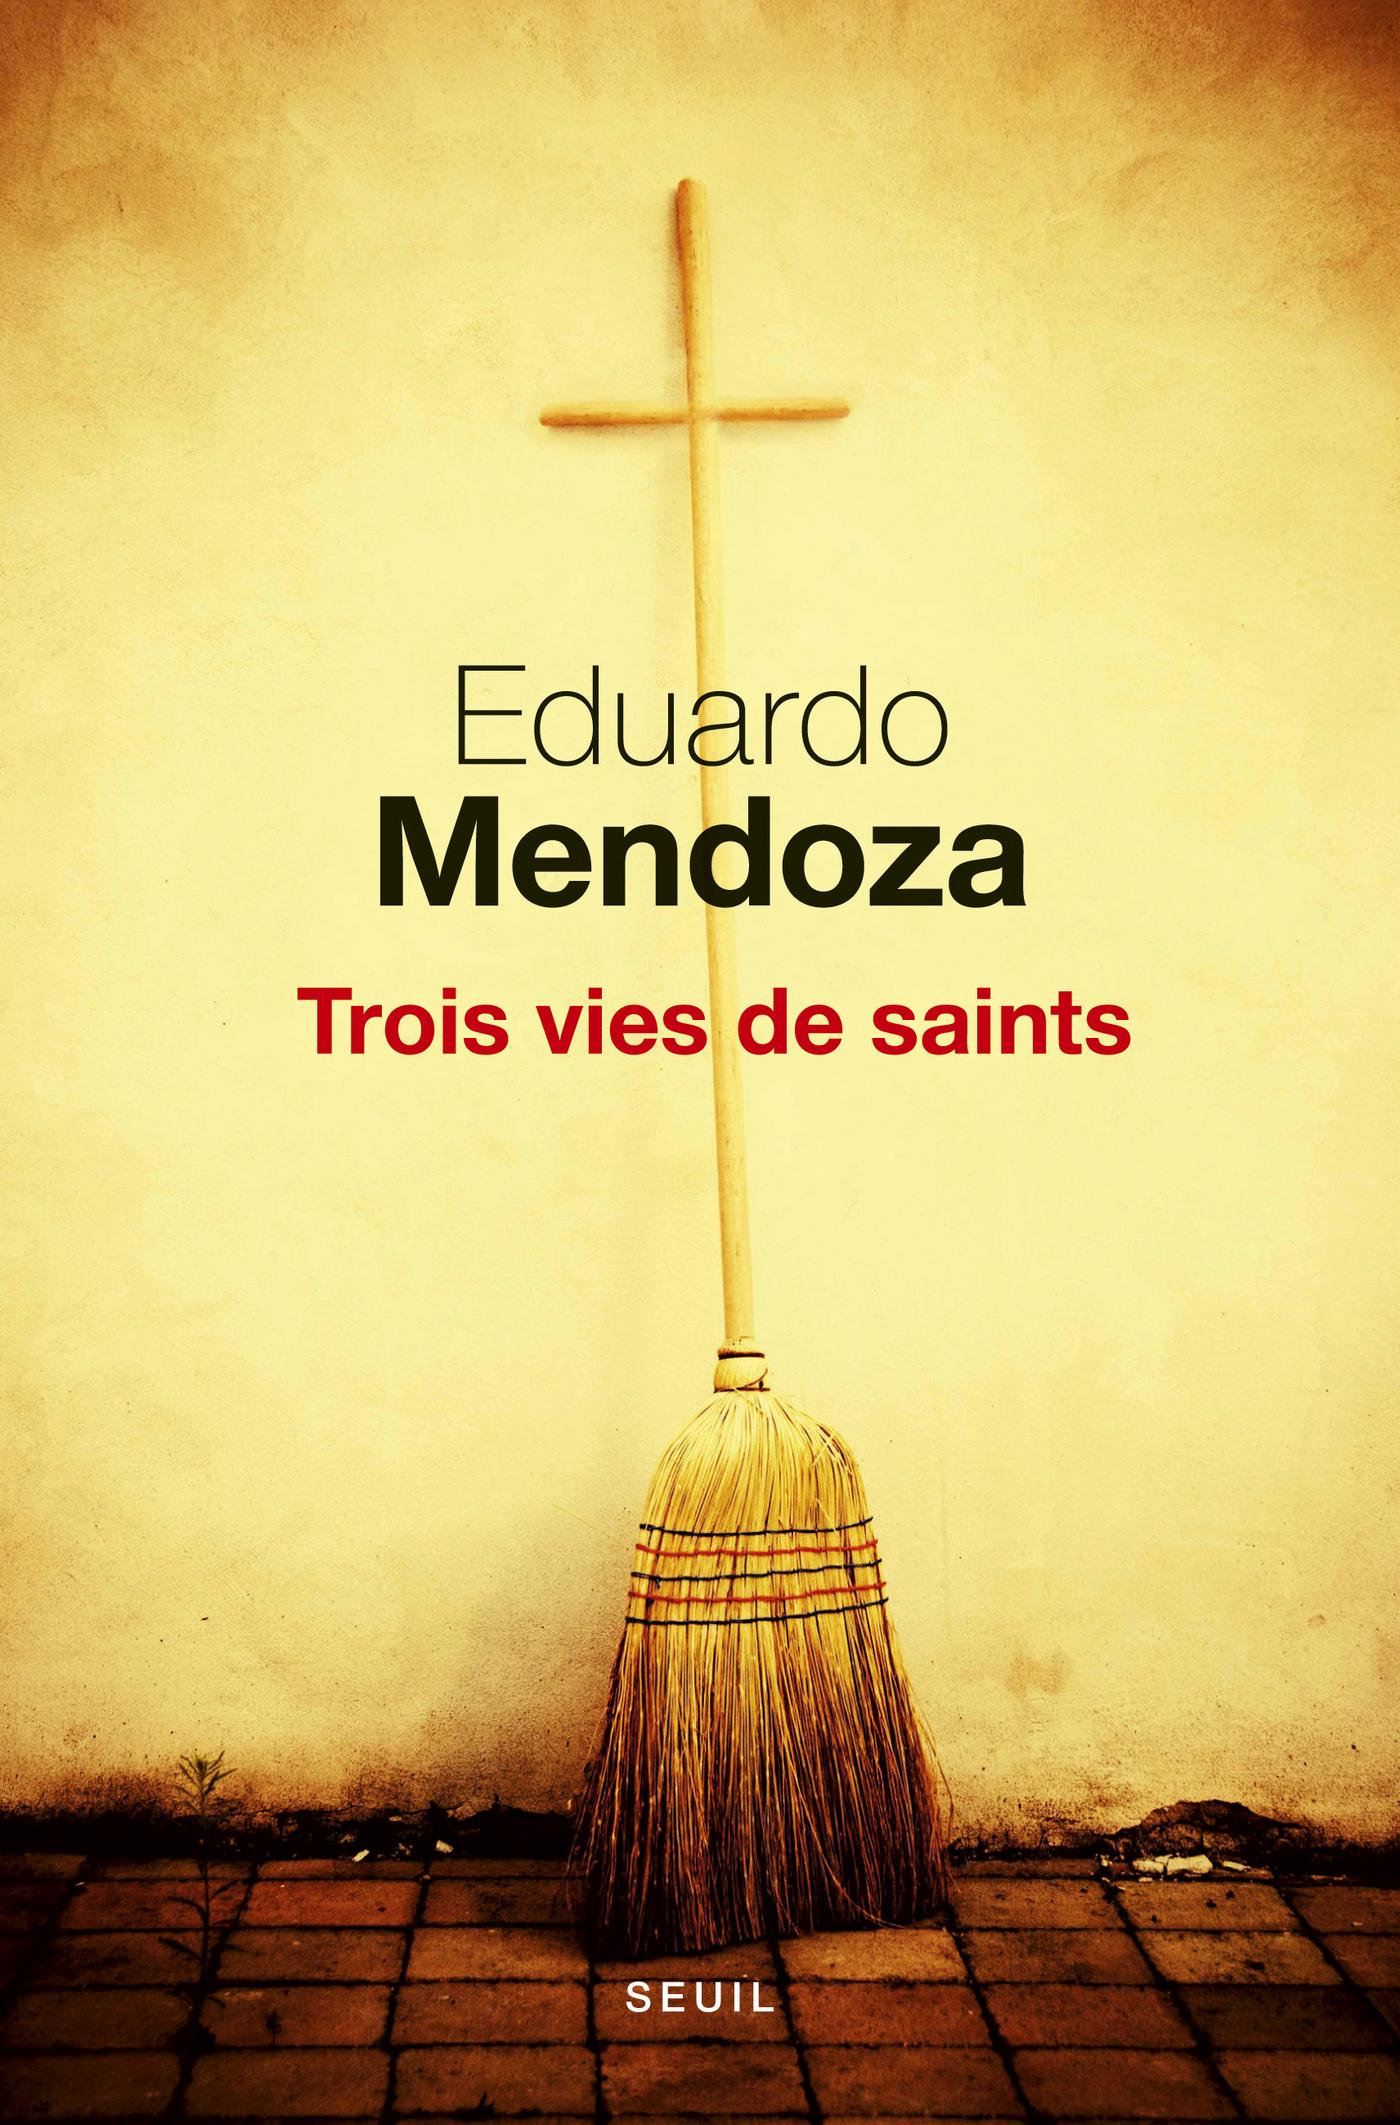 Couverture : Trois vies de saints Eduardo Mendoza